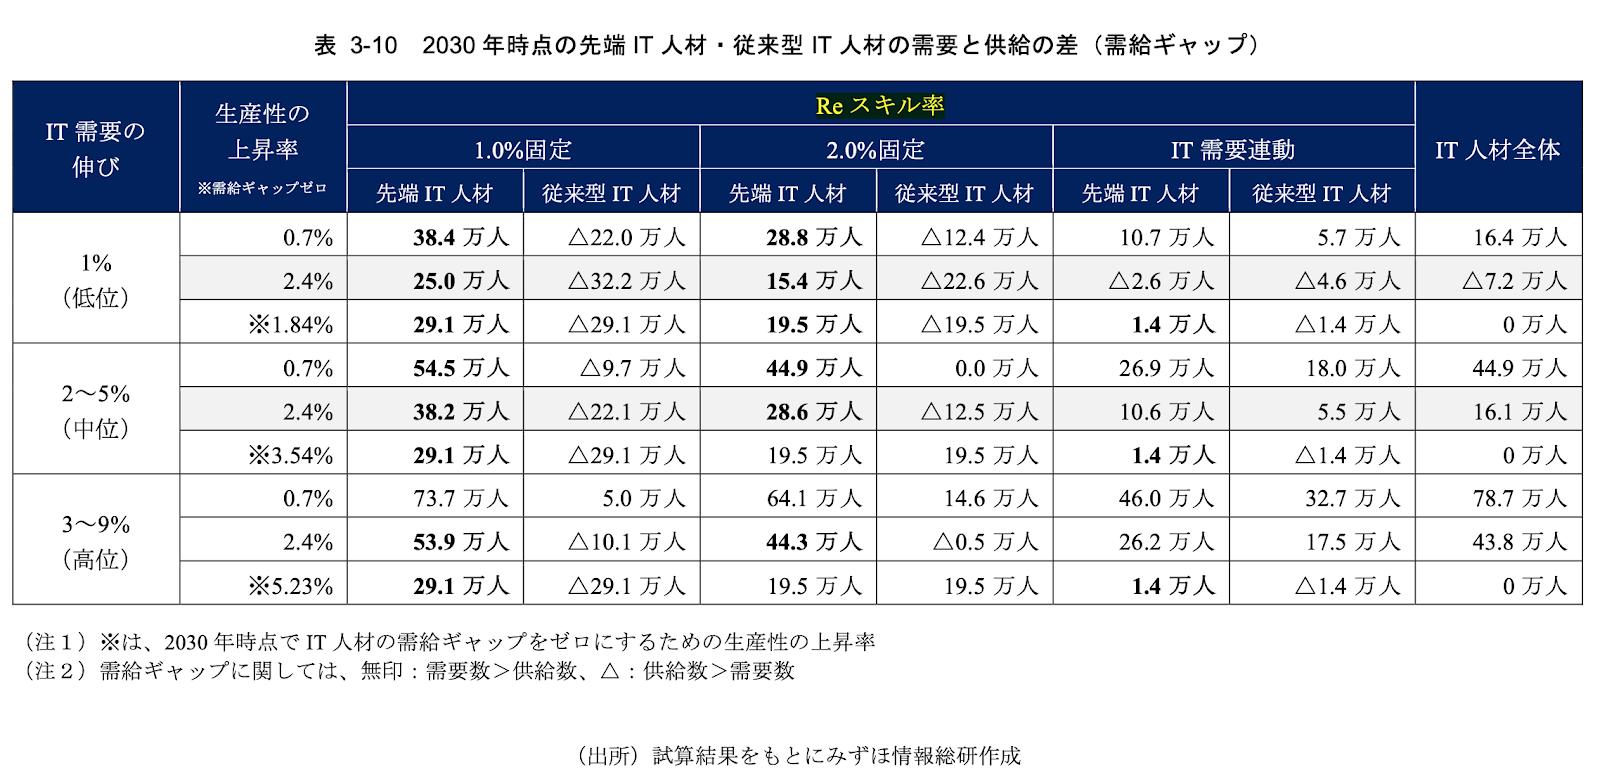 需要と供給の差(出典:経済産業省の委託事業として、みずほ情報総研株式会社によるIT人材受給に関する調査)